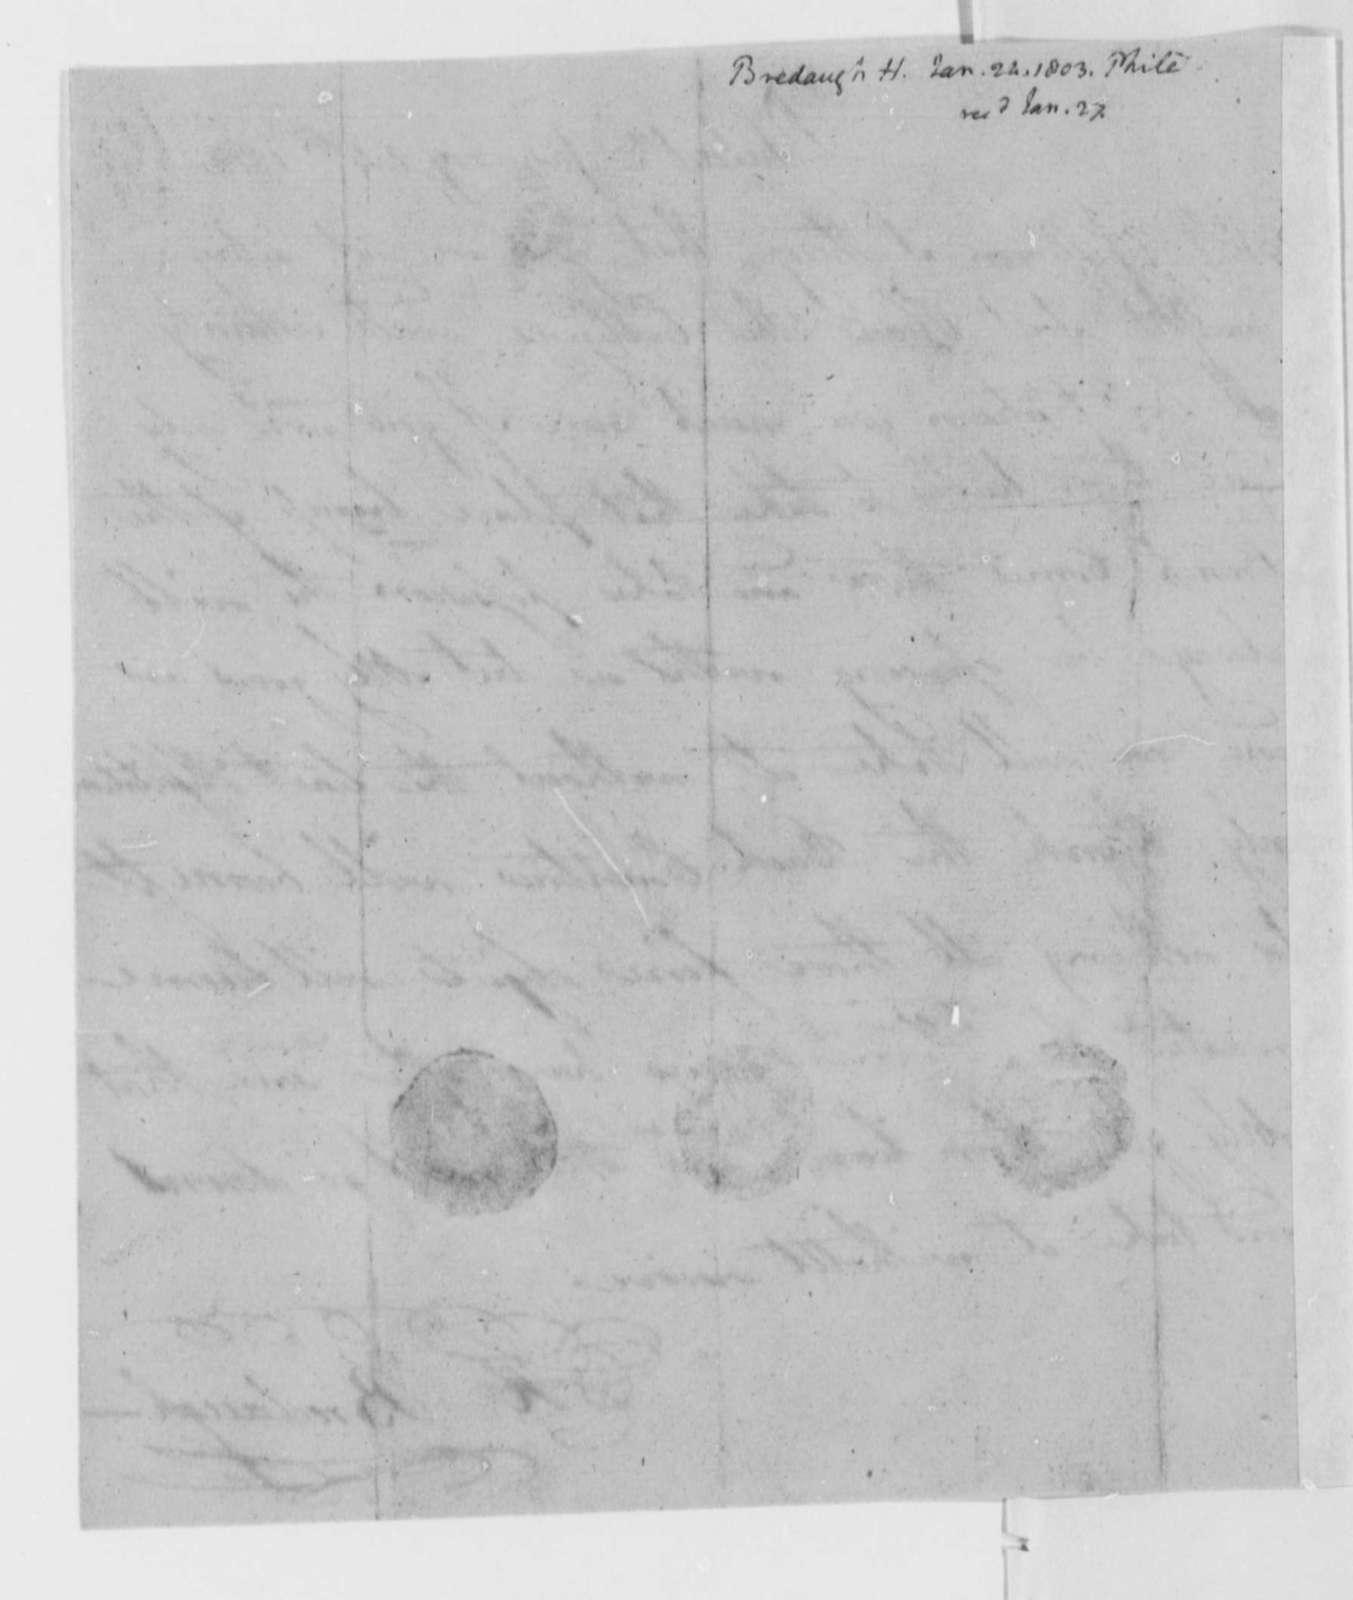 H. Bredaugh to Thomas Jefferson, January 24, 1802